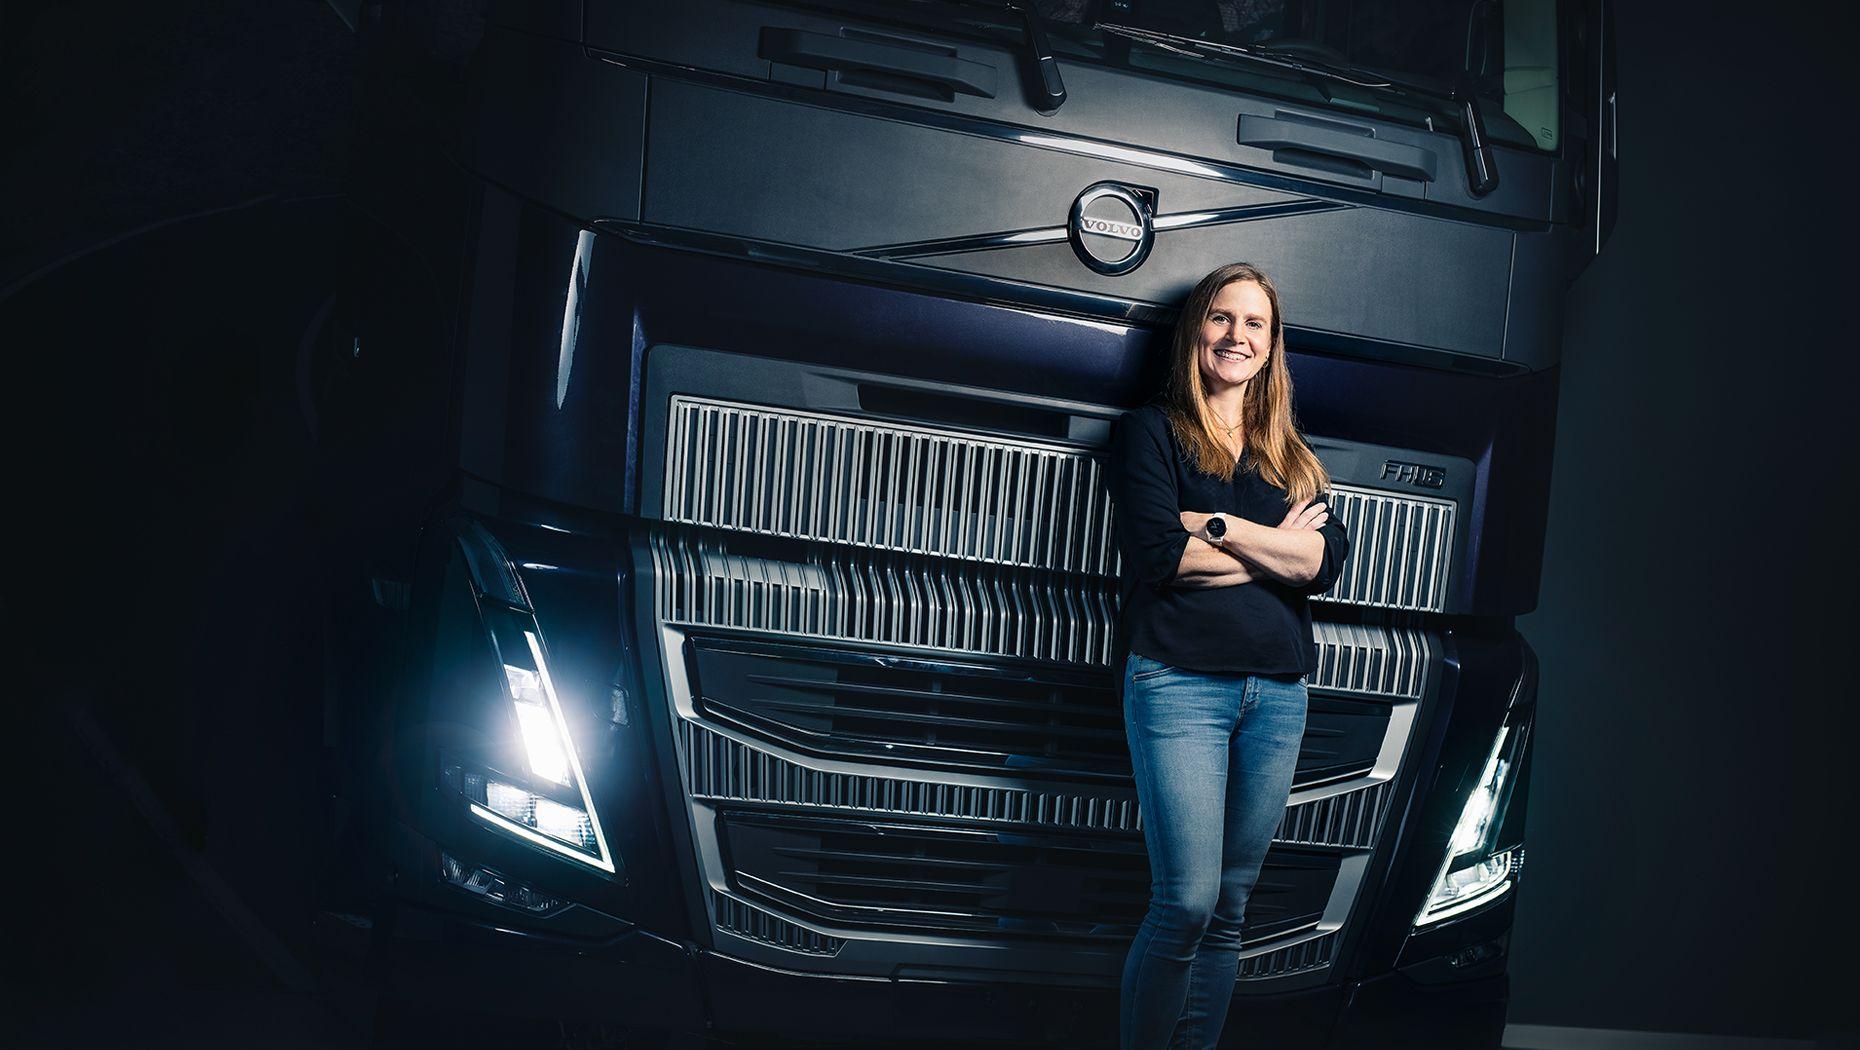 Volvo Lastvagnars säkerhetsdirektör, Anna Wrige Berling, framför en Volvo FH16